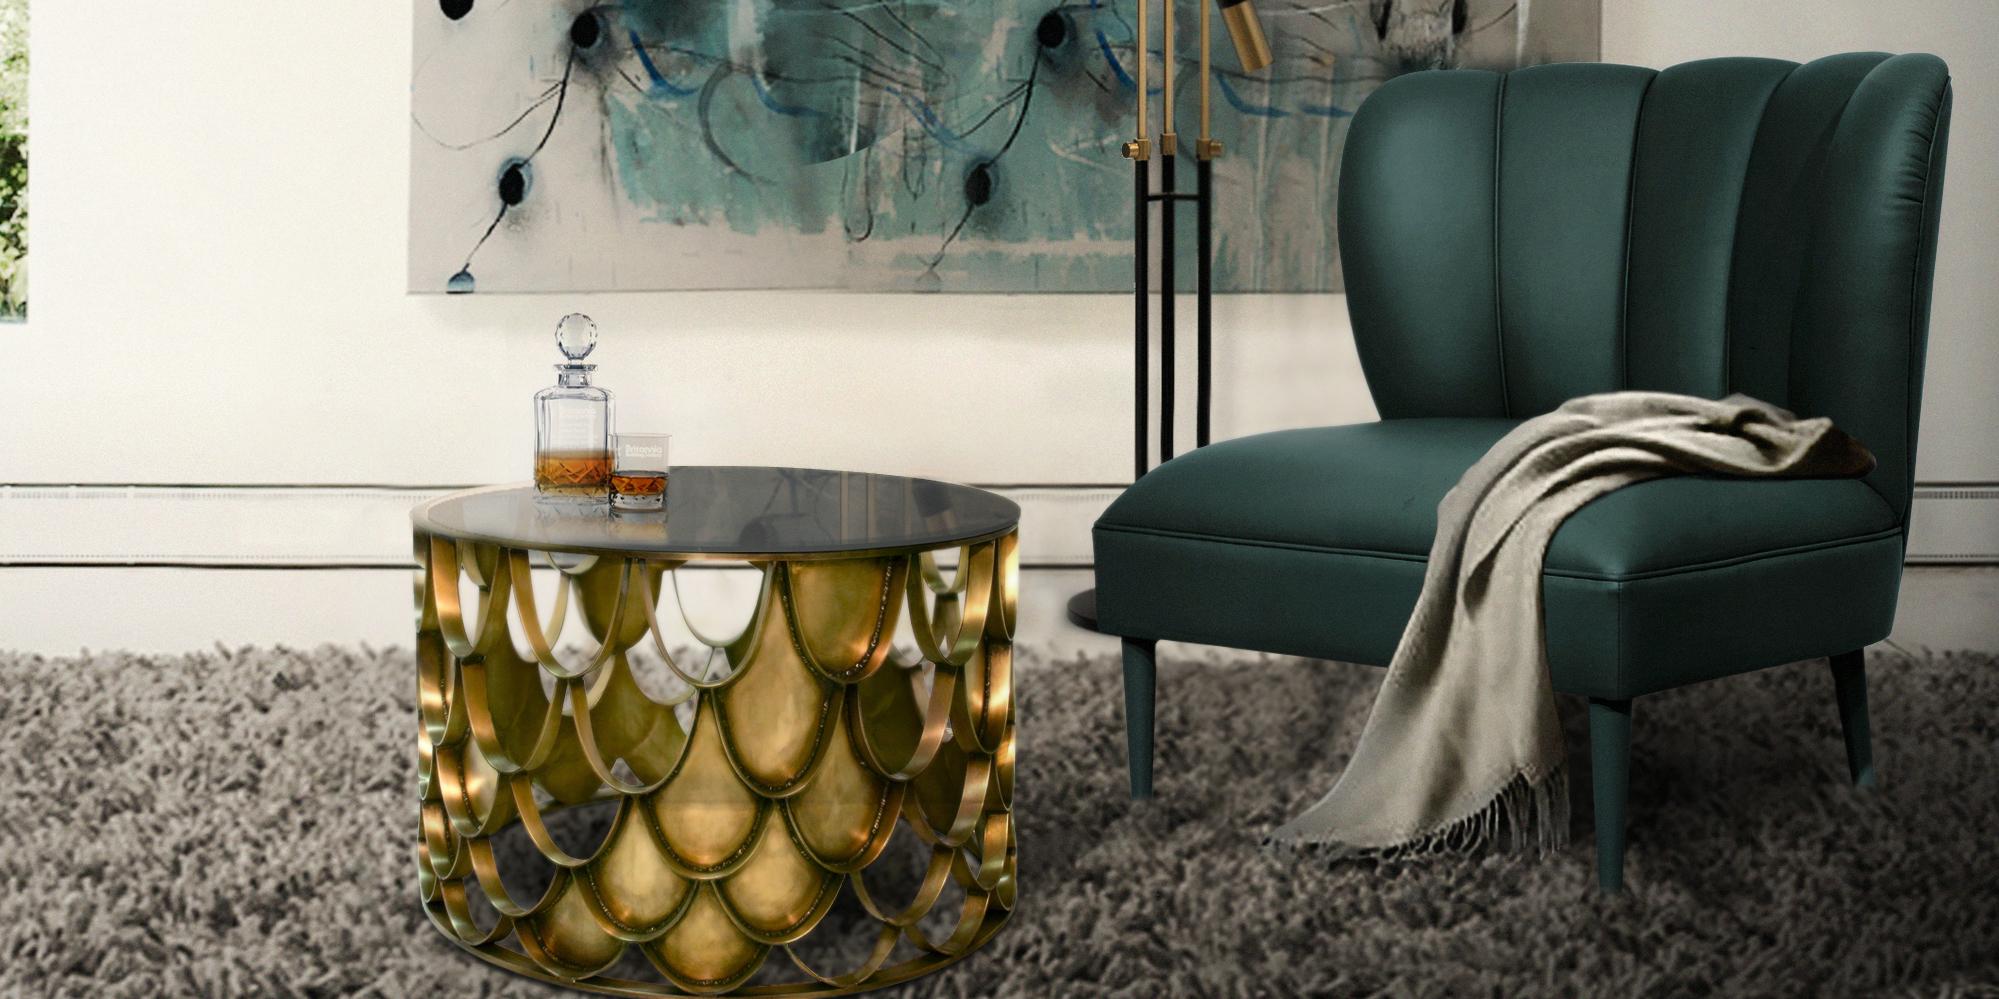 Descubra Muebles De Lujo Imprescindibles Con 50 De Descuento Y M S  # Muebles Pura Vida